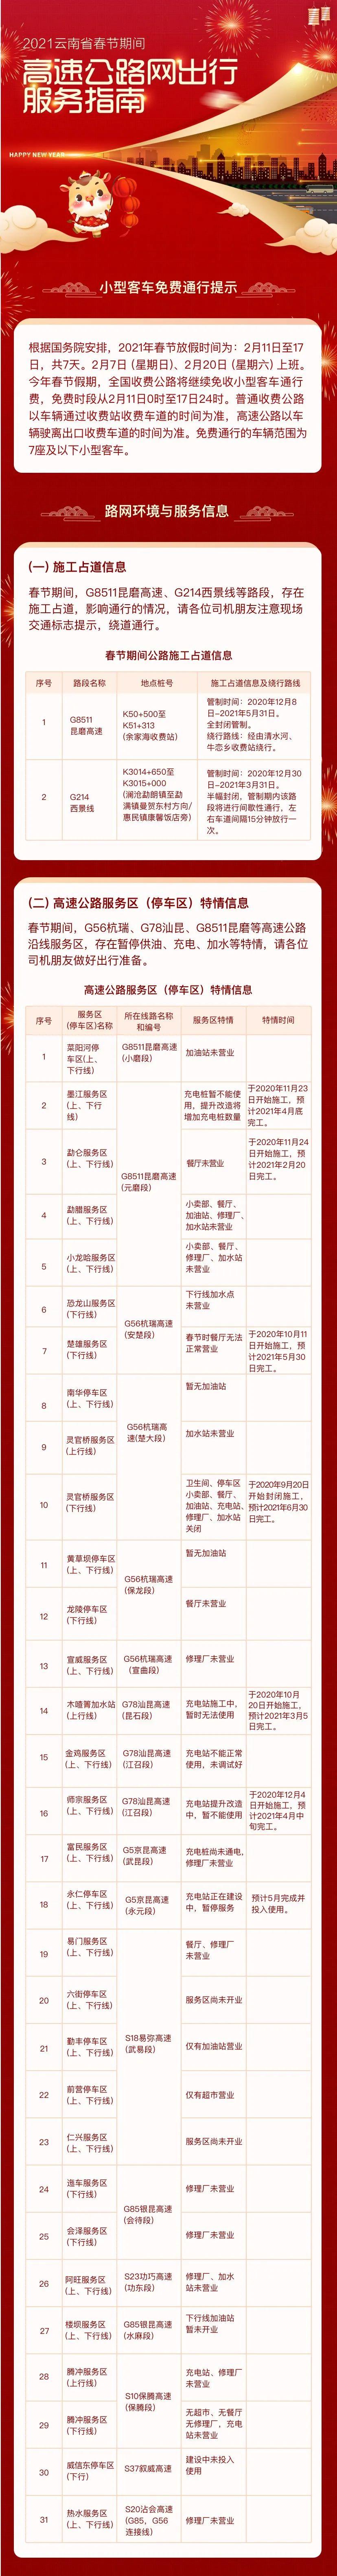 【提醒】春节期间,这些出行提示要了解→图片